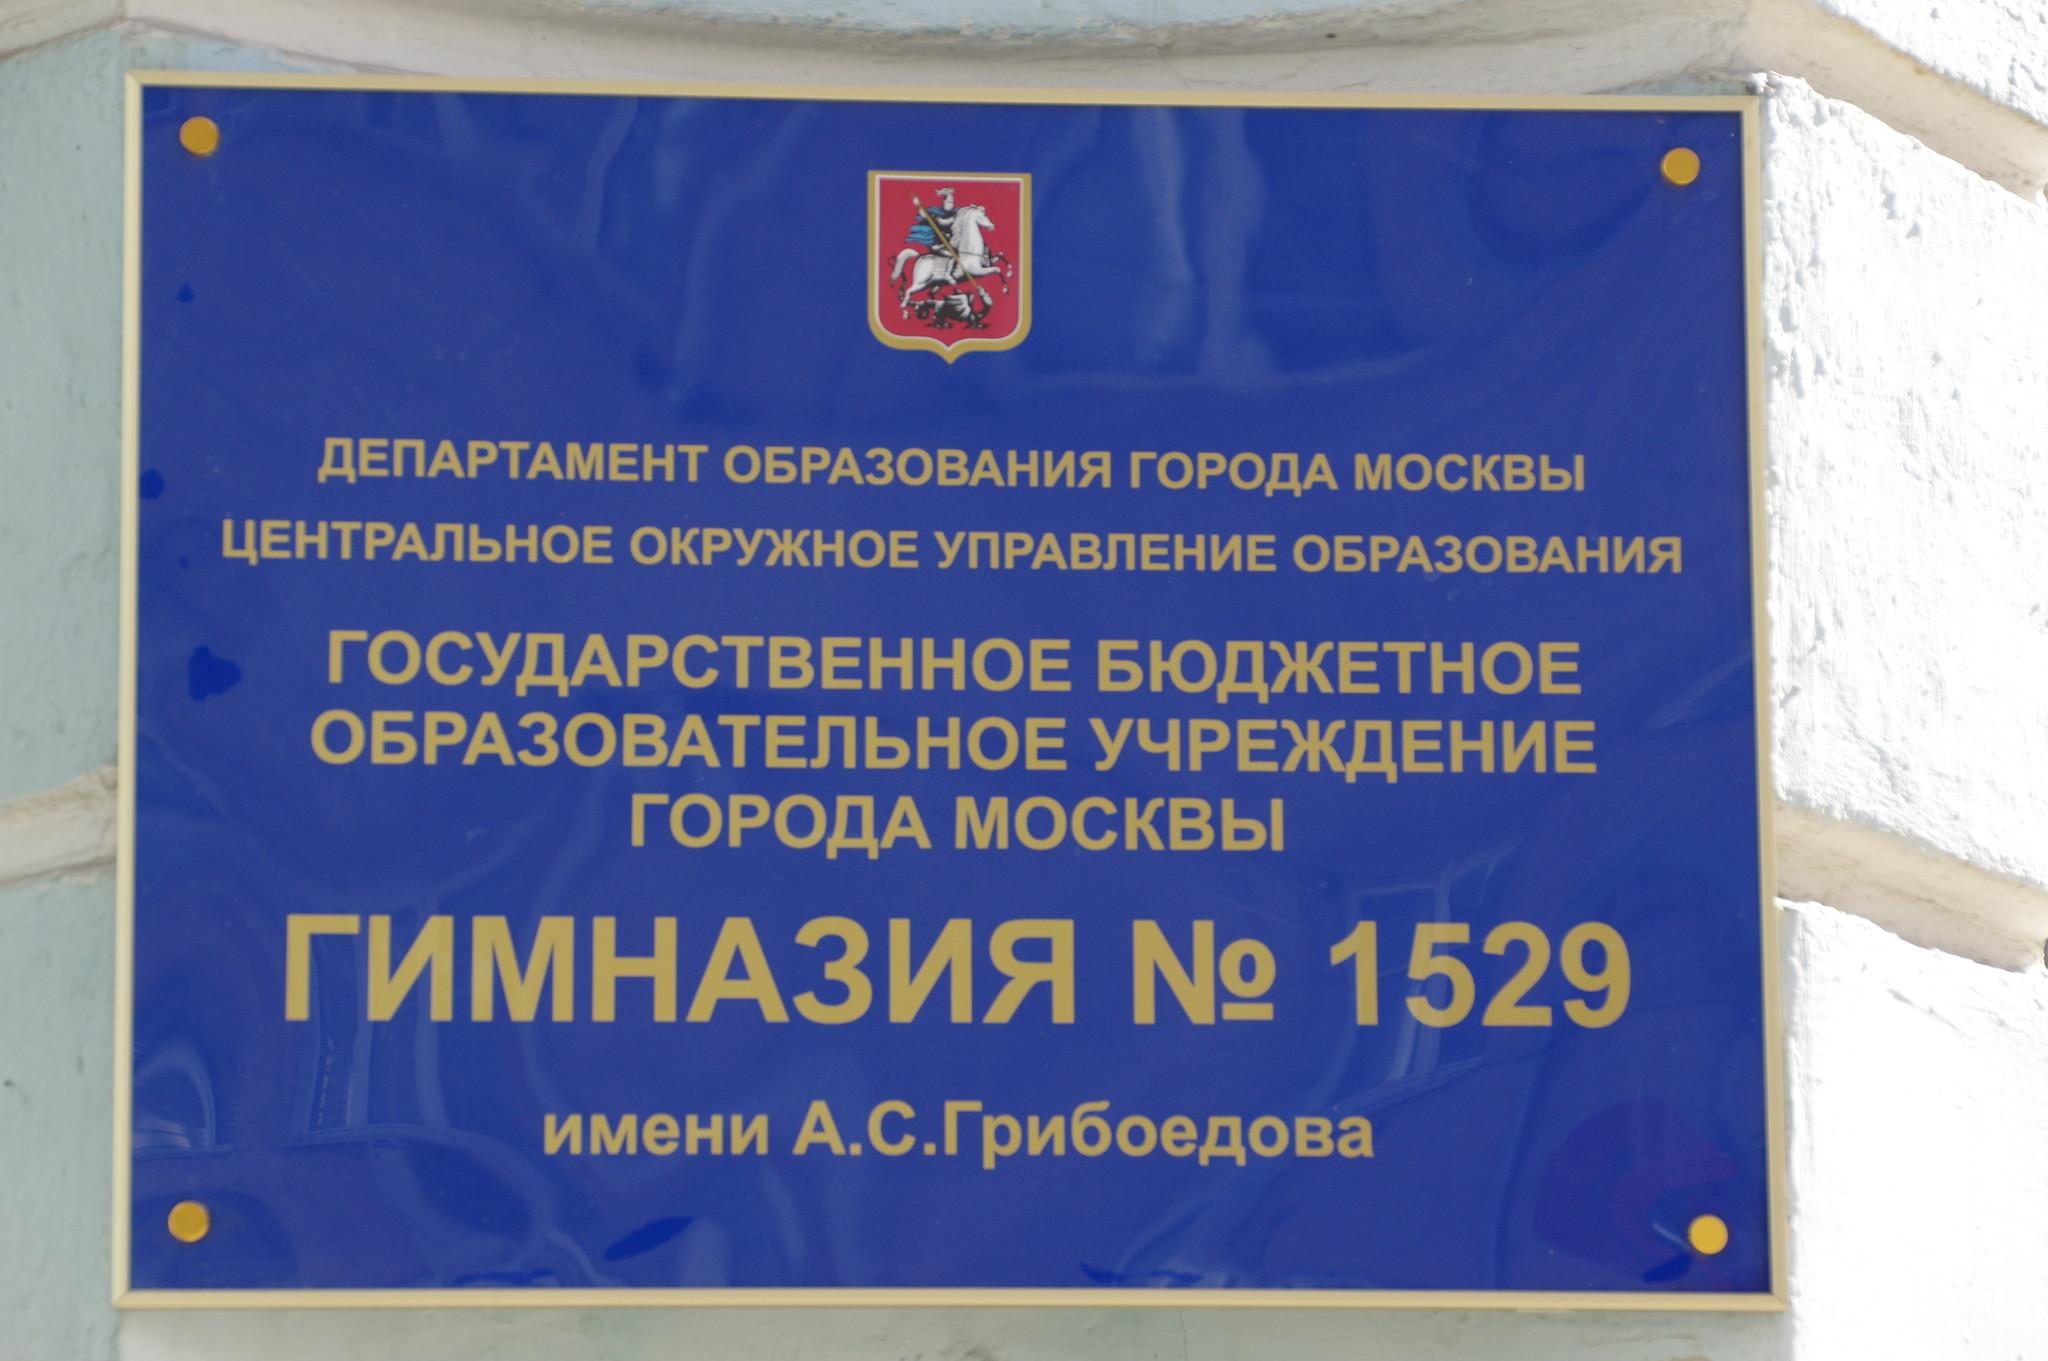 Здание № 4 гимназии № 1529 им. А.С. Грибоедова (ранее - школа № 59 им. Н.В. Гоголя). Староконюшенный переулок, дом 18